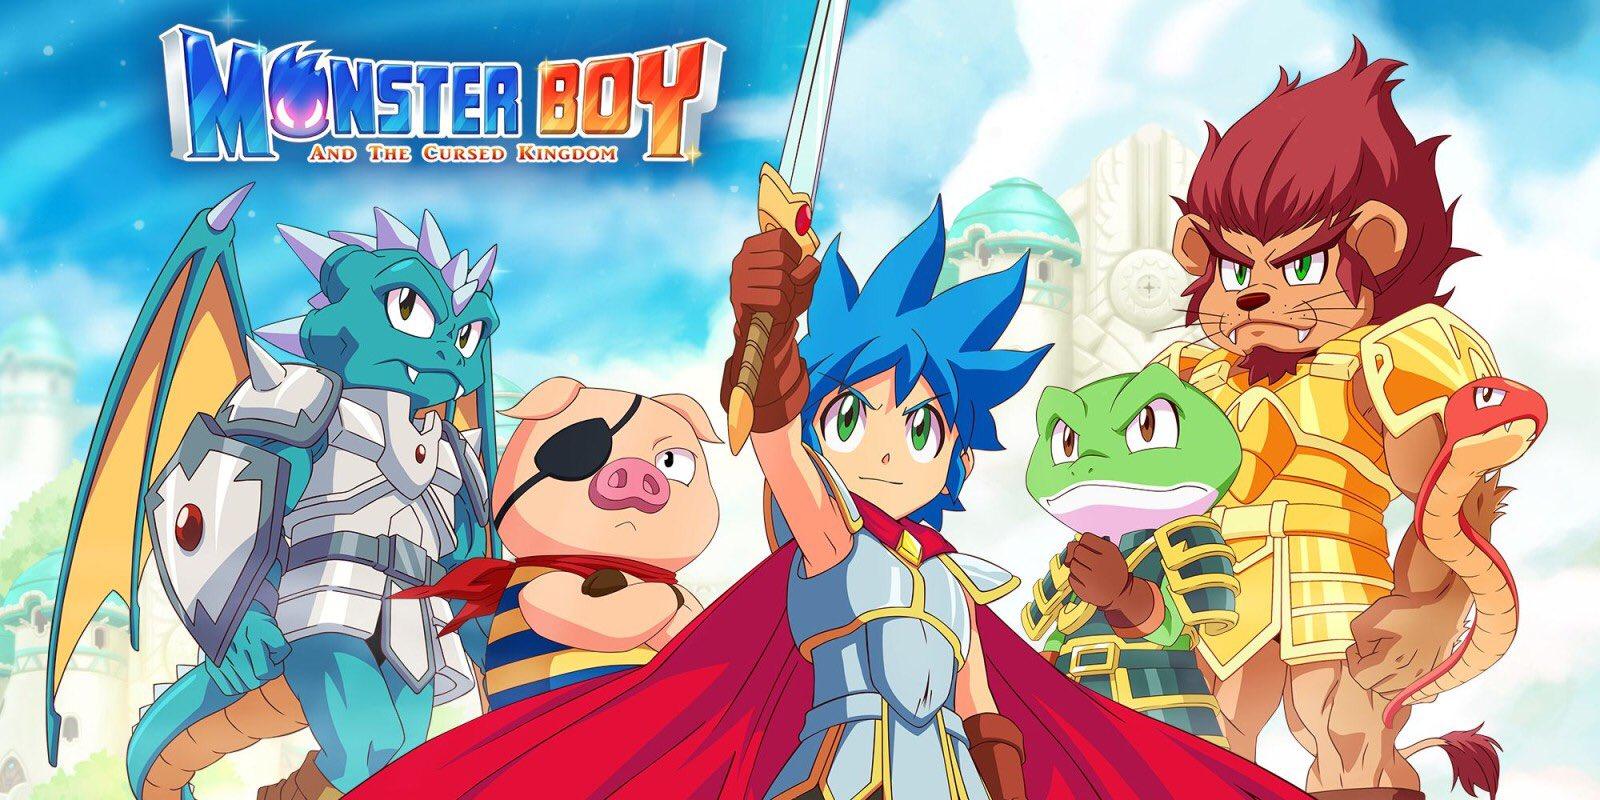 Pré-venda de Monster Boy and the Cursed Kingdom no Switch são 10 vezes maiores em relação ao PlayStation 4